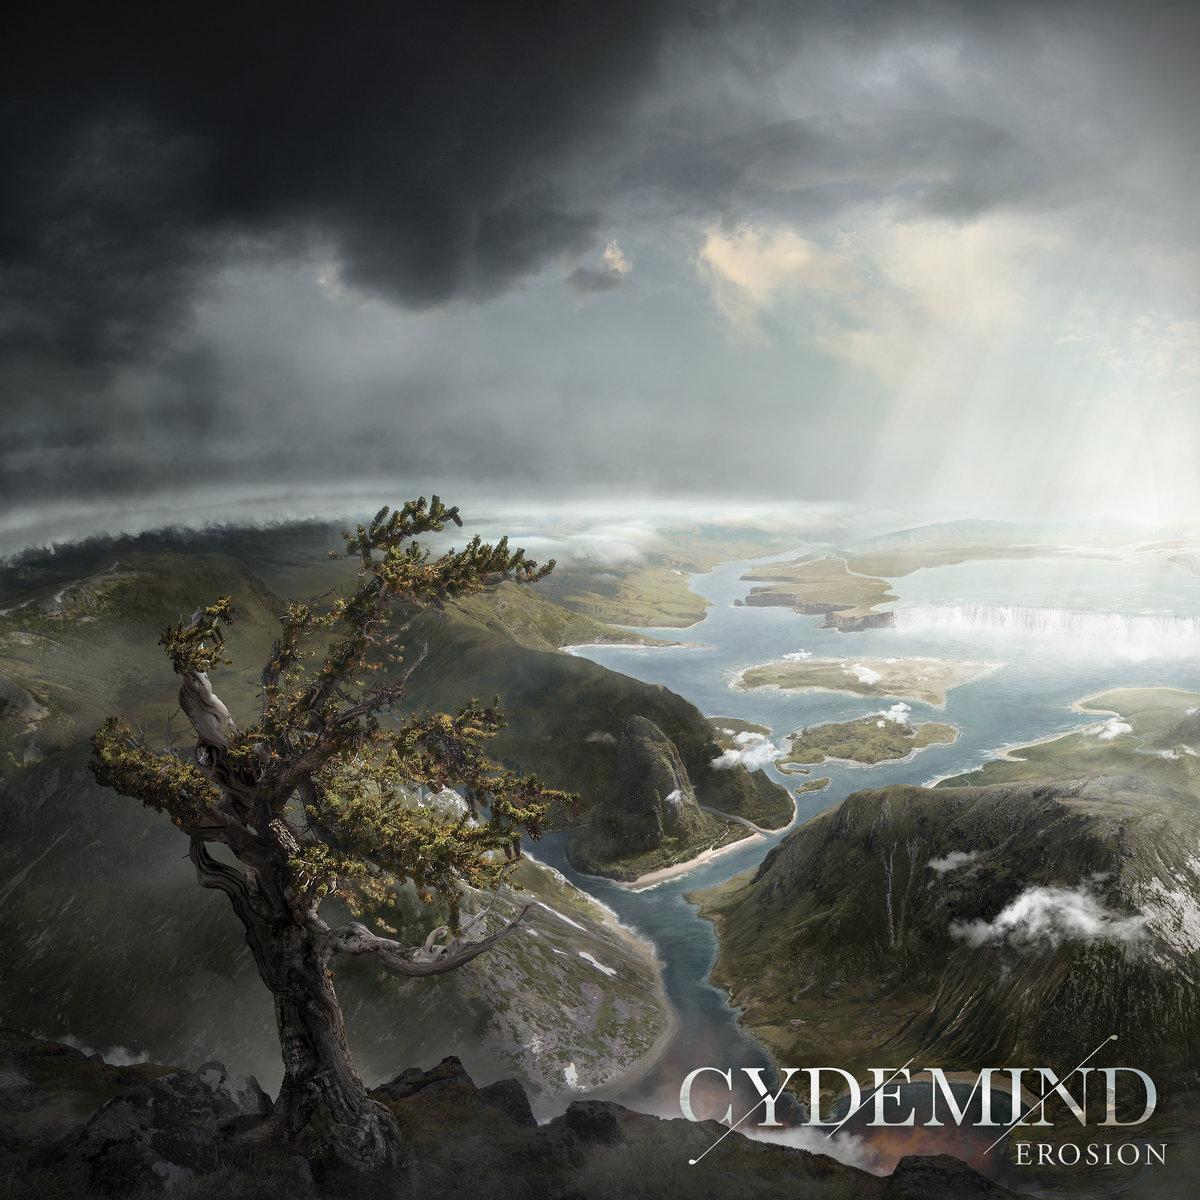 Cydemind: Erosion